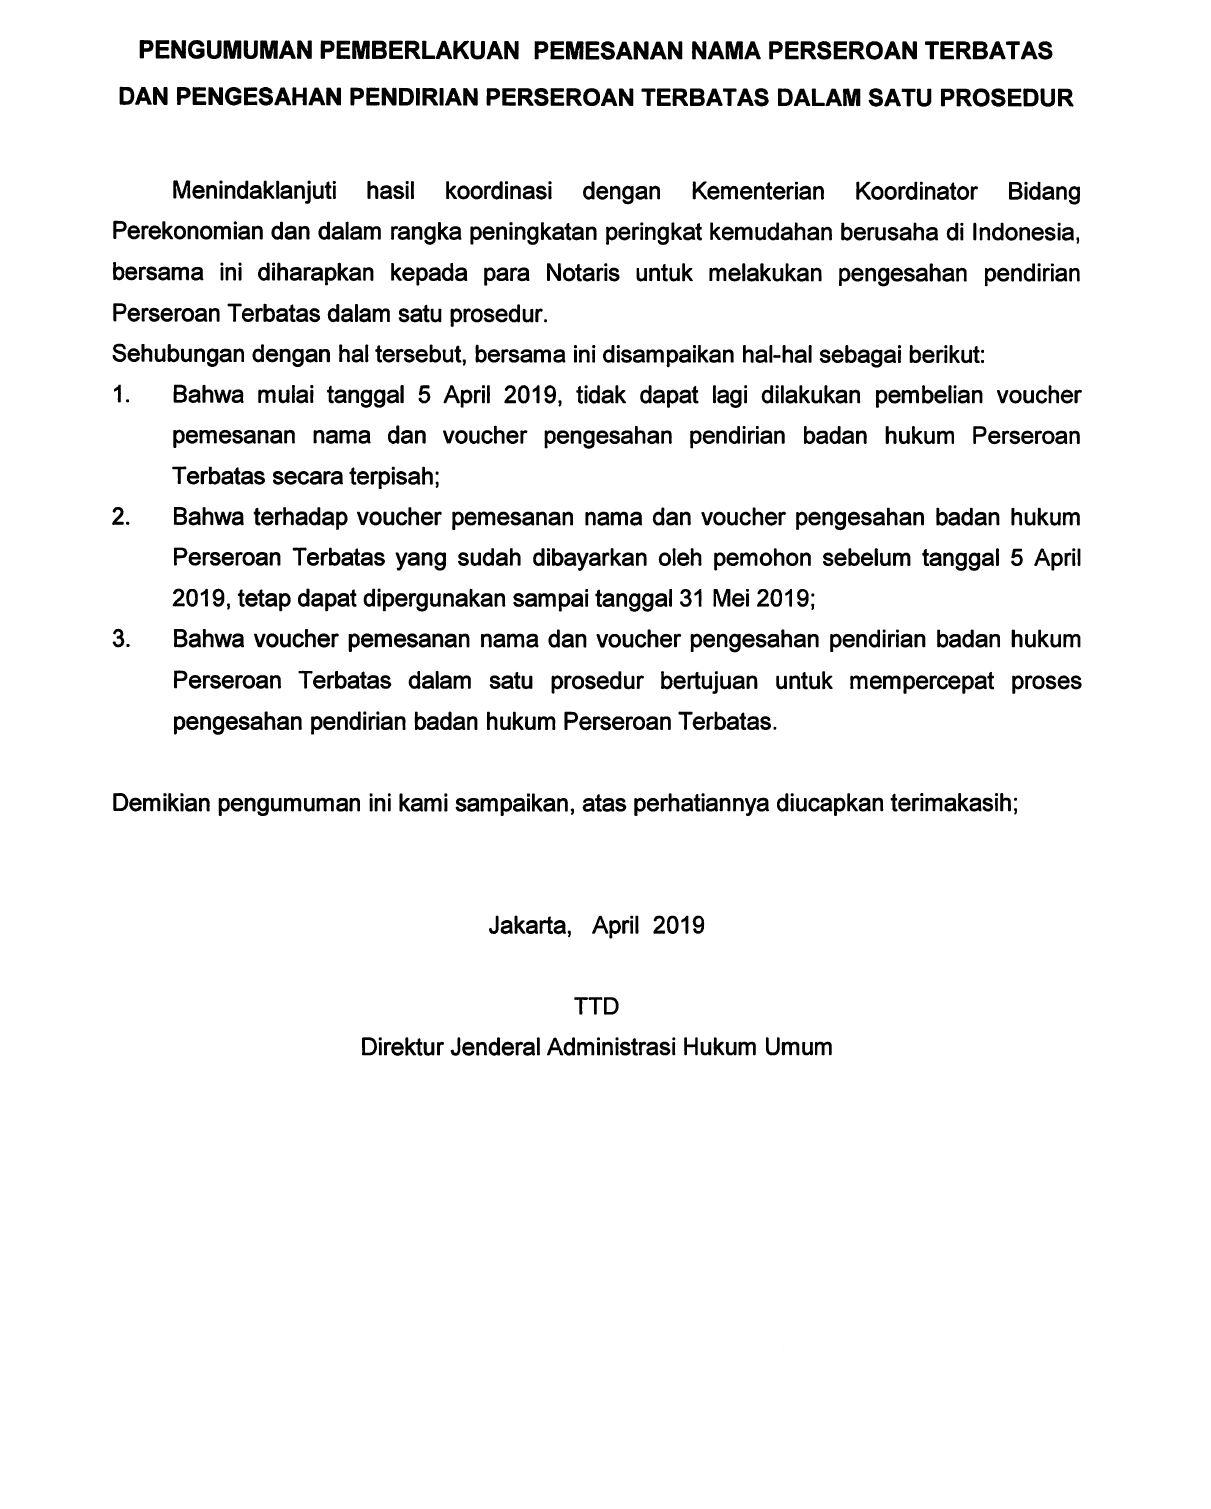 Beranda Direktorat Jenderal Administrasi Hukum Umum